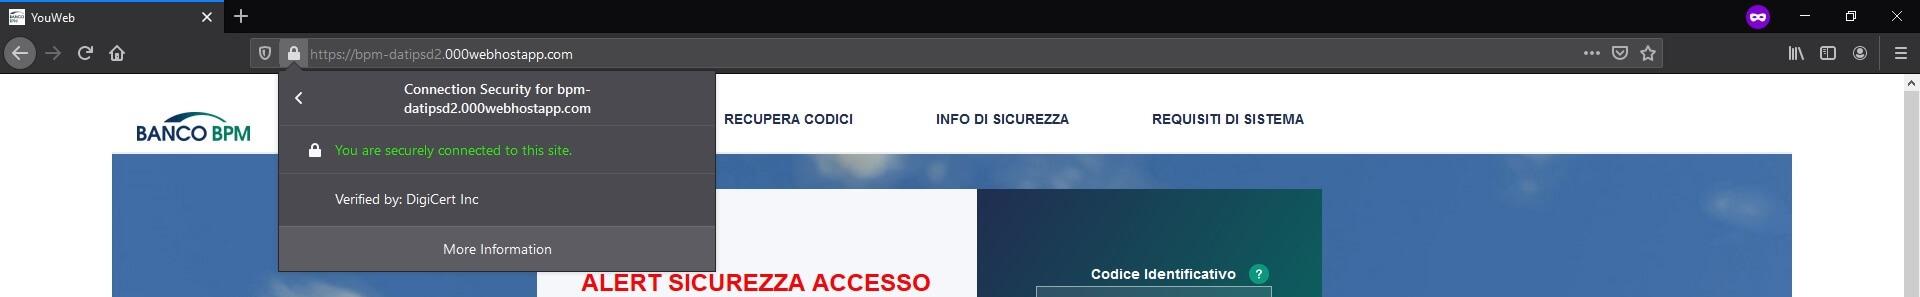 Banco Popolare sito truffa https